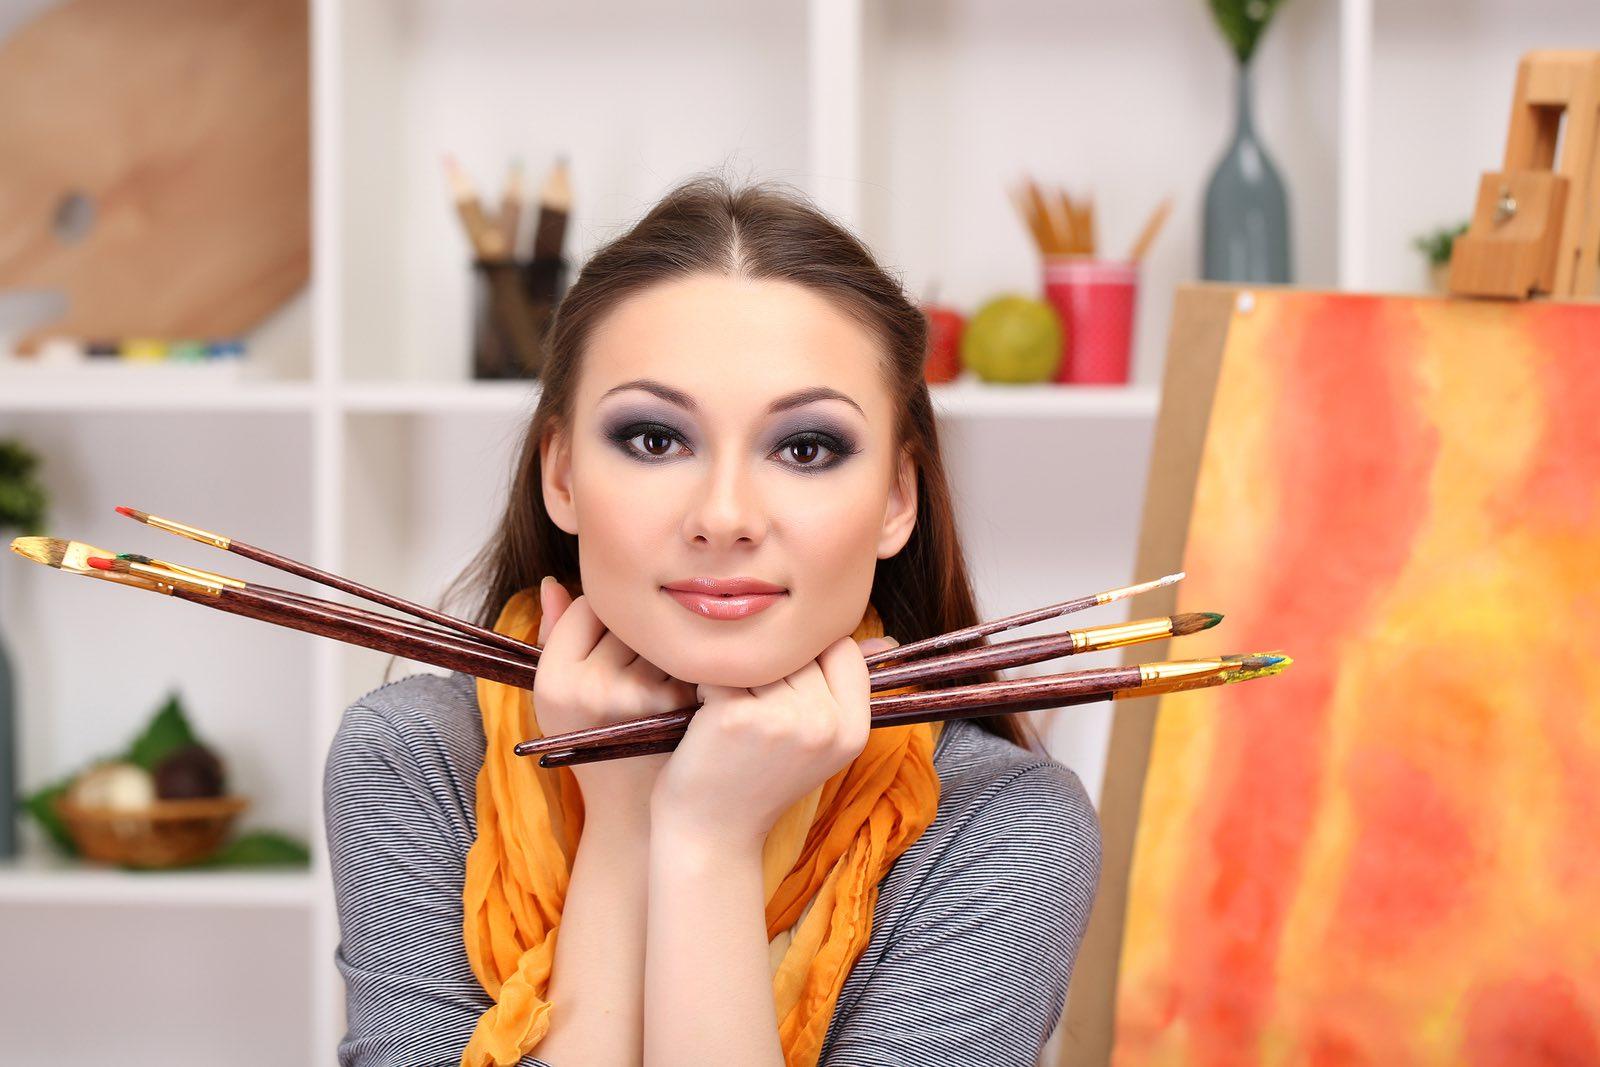 Beautiful Woman Painter